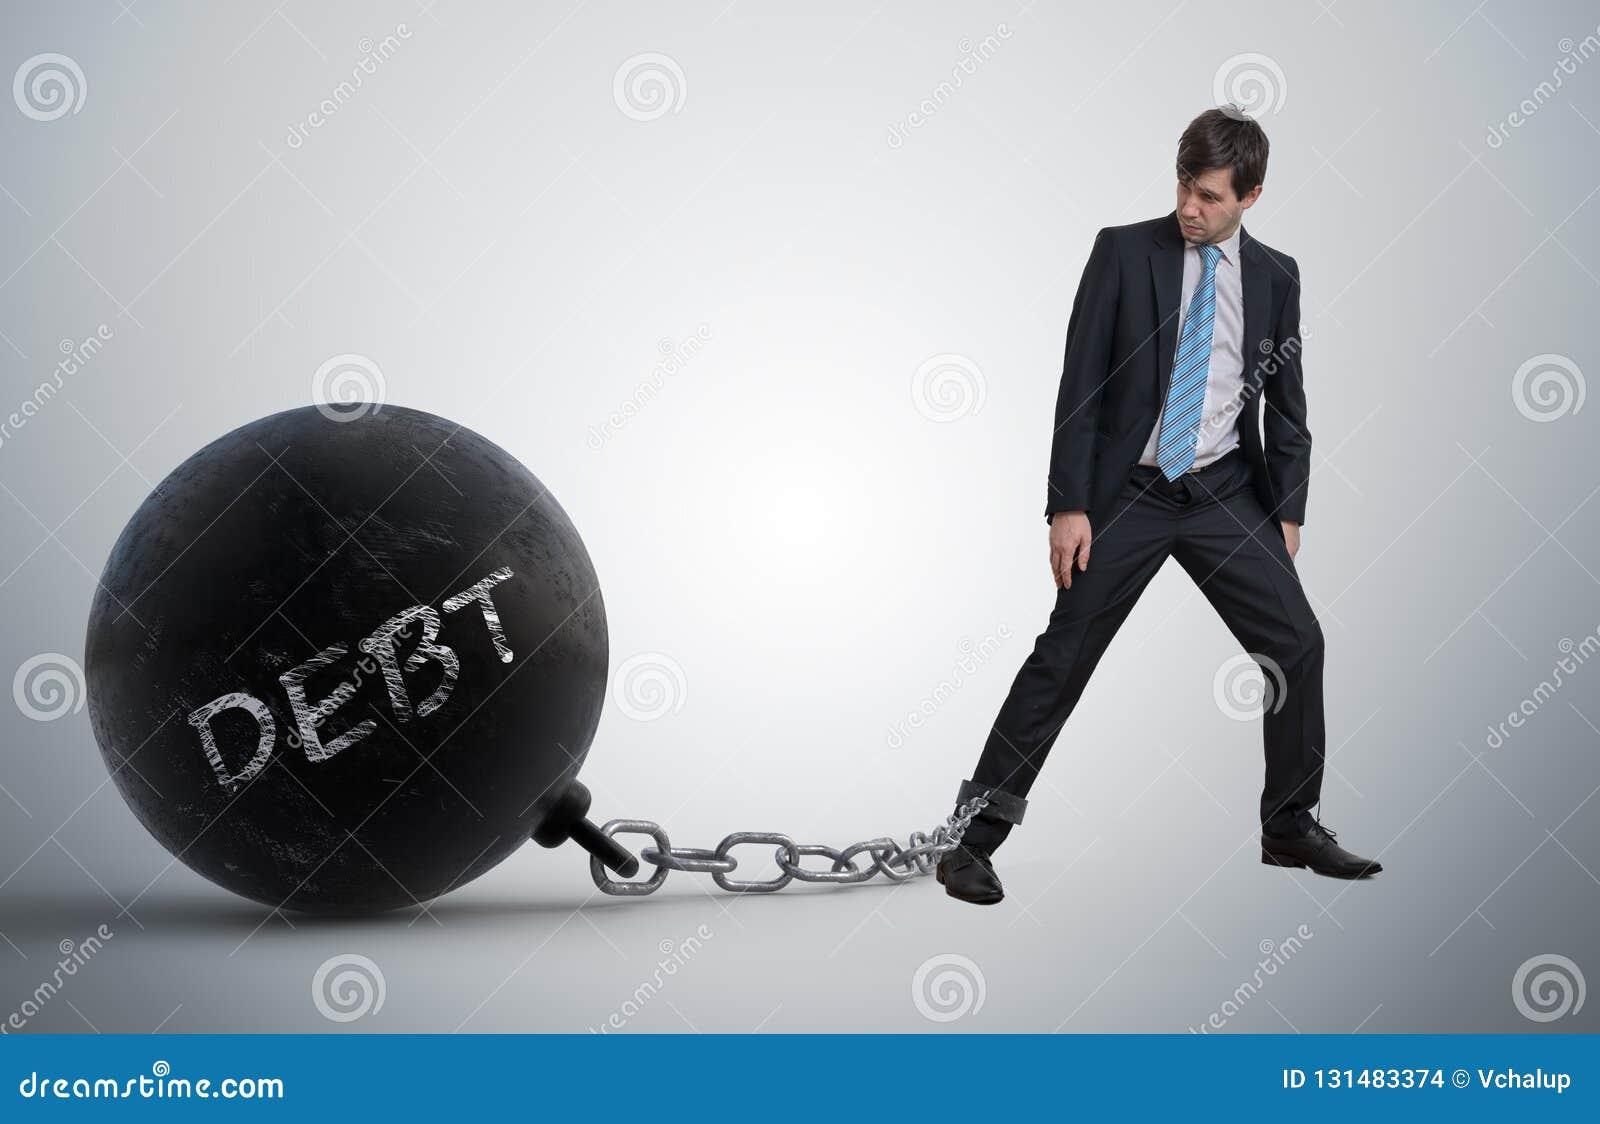 Молодой бизнесмен приковывал большой металлический шар к его ноге с написанной задолженностью